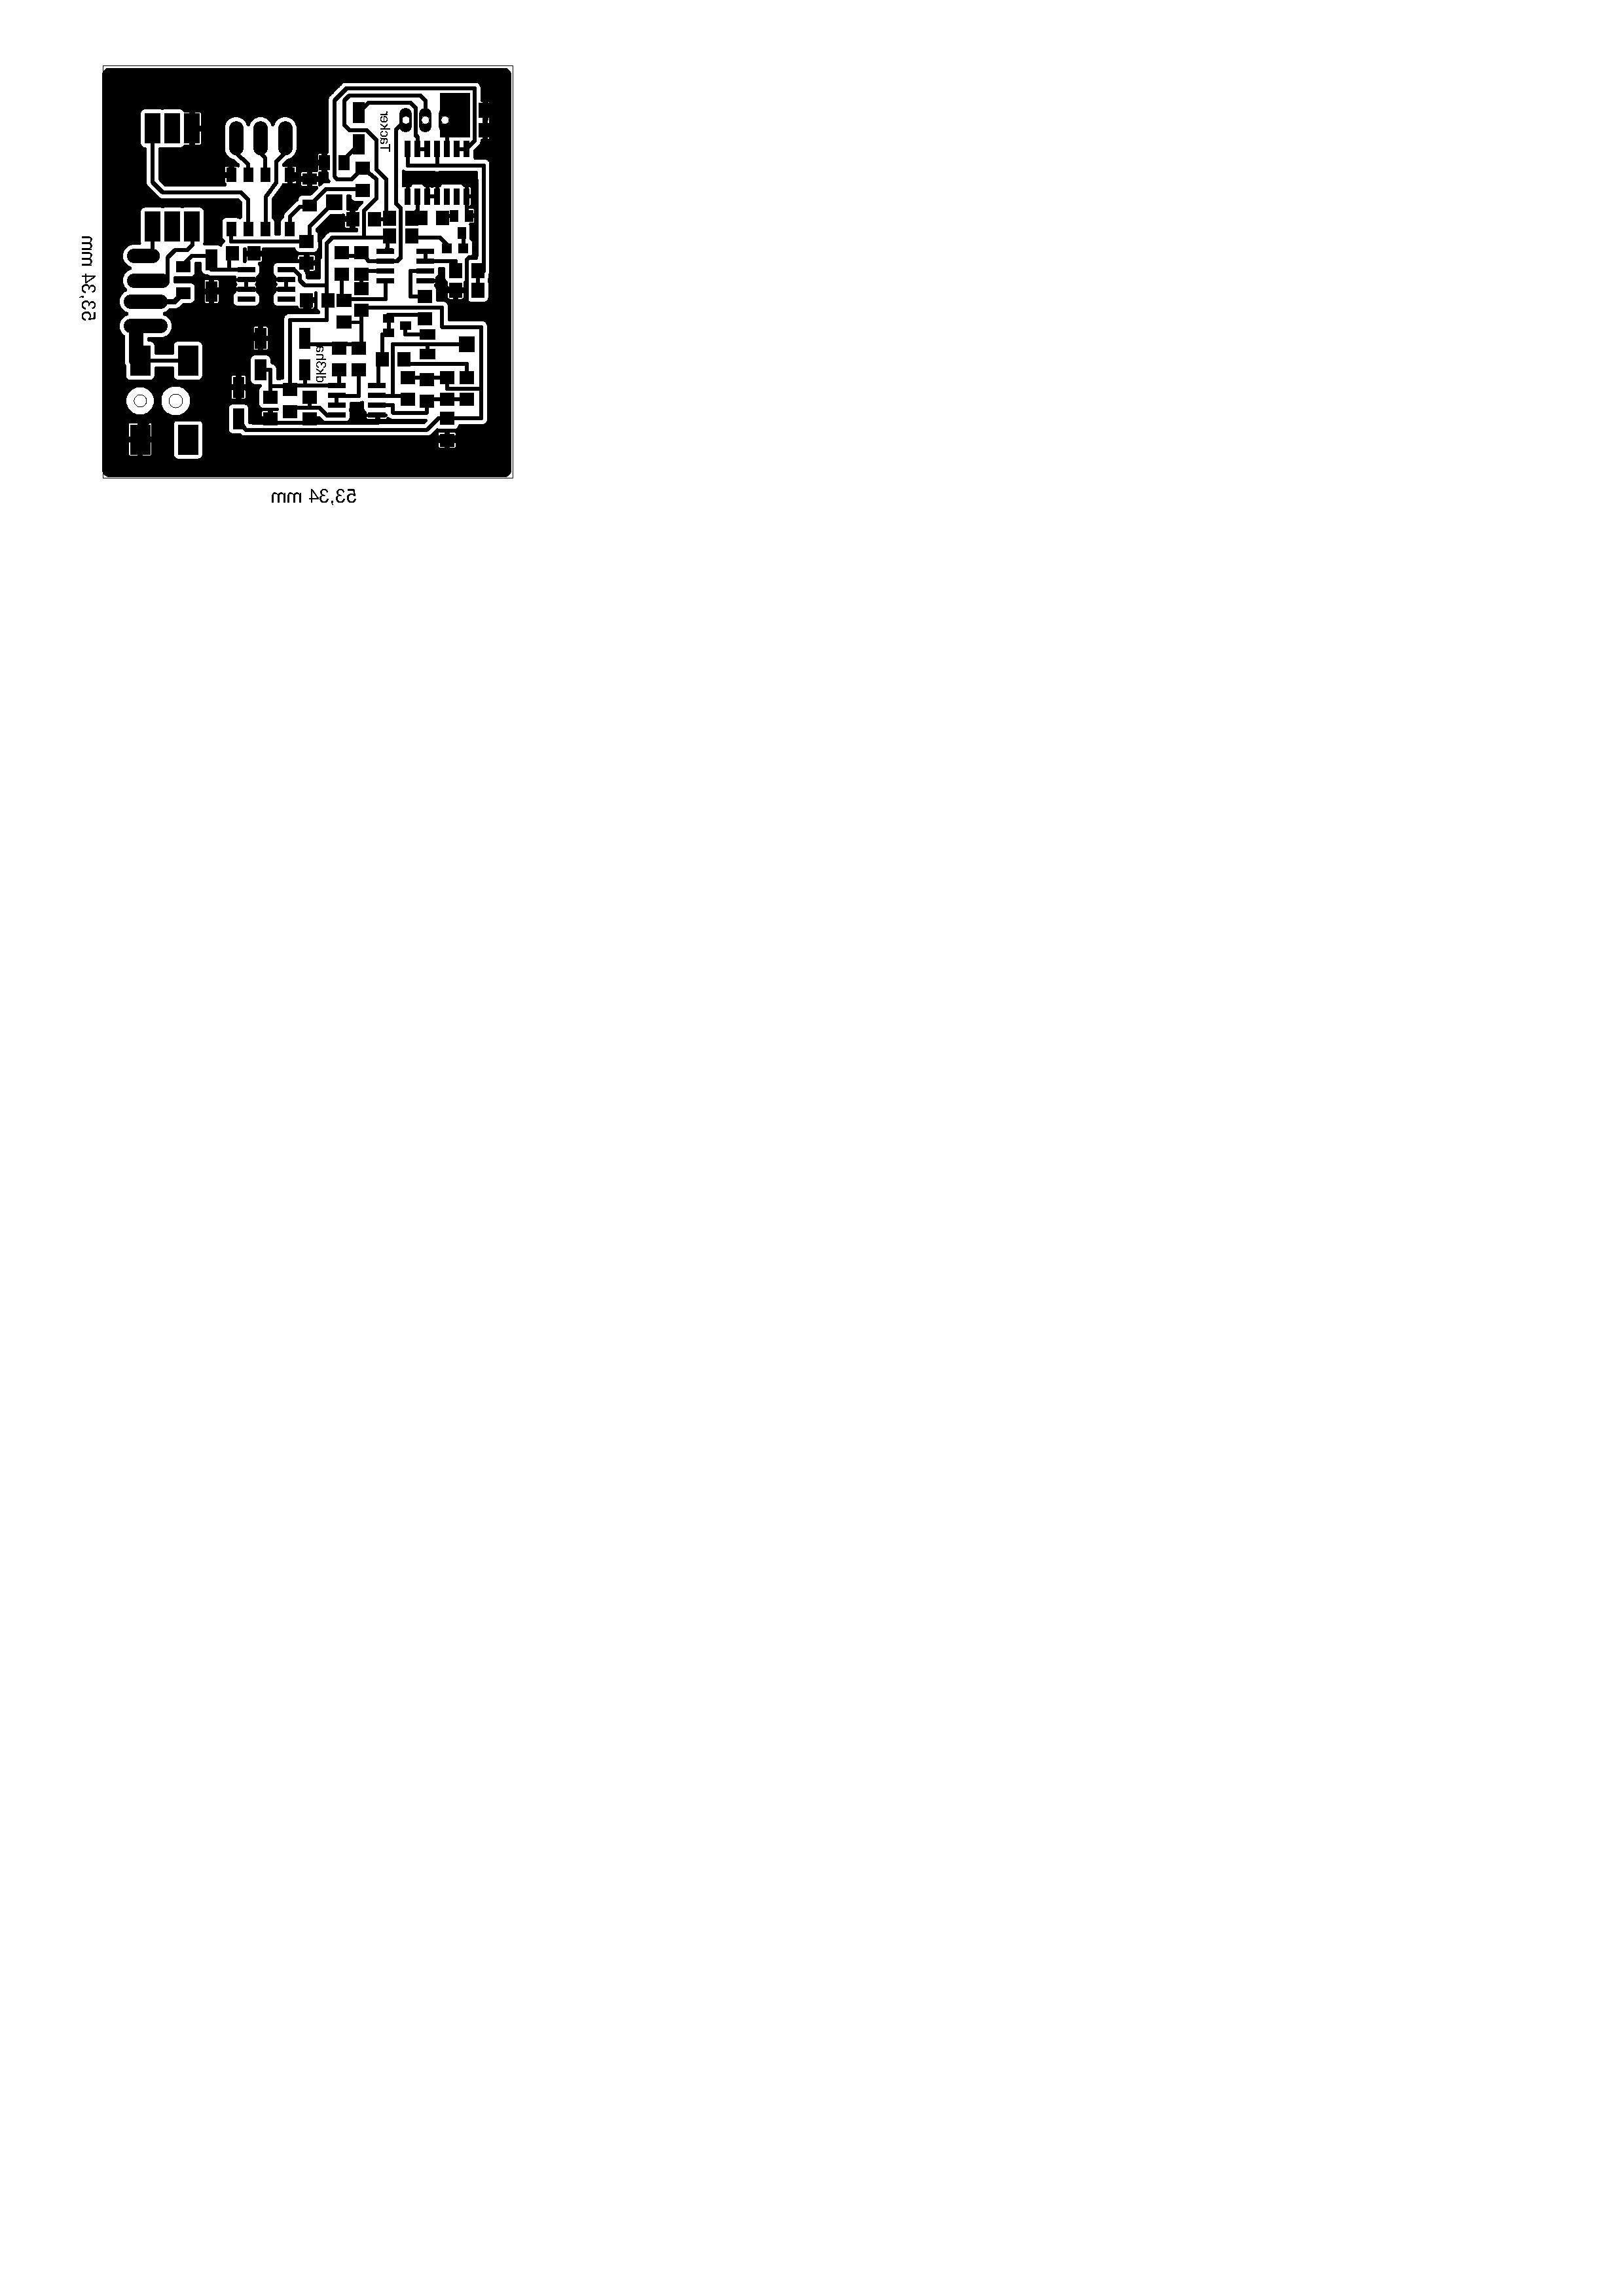 GHz-Tagung Dorsten - die Tagung für Mikrowellen-Funkamateure